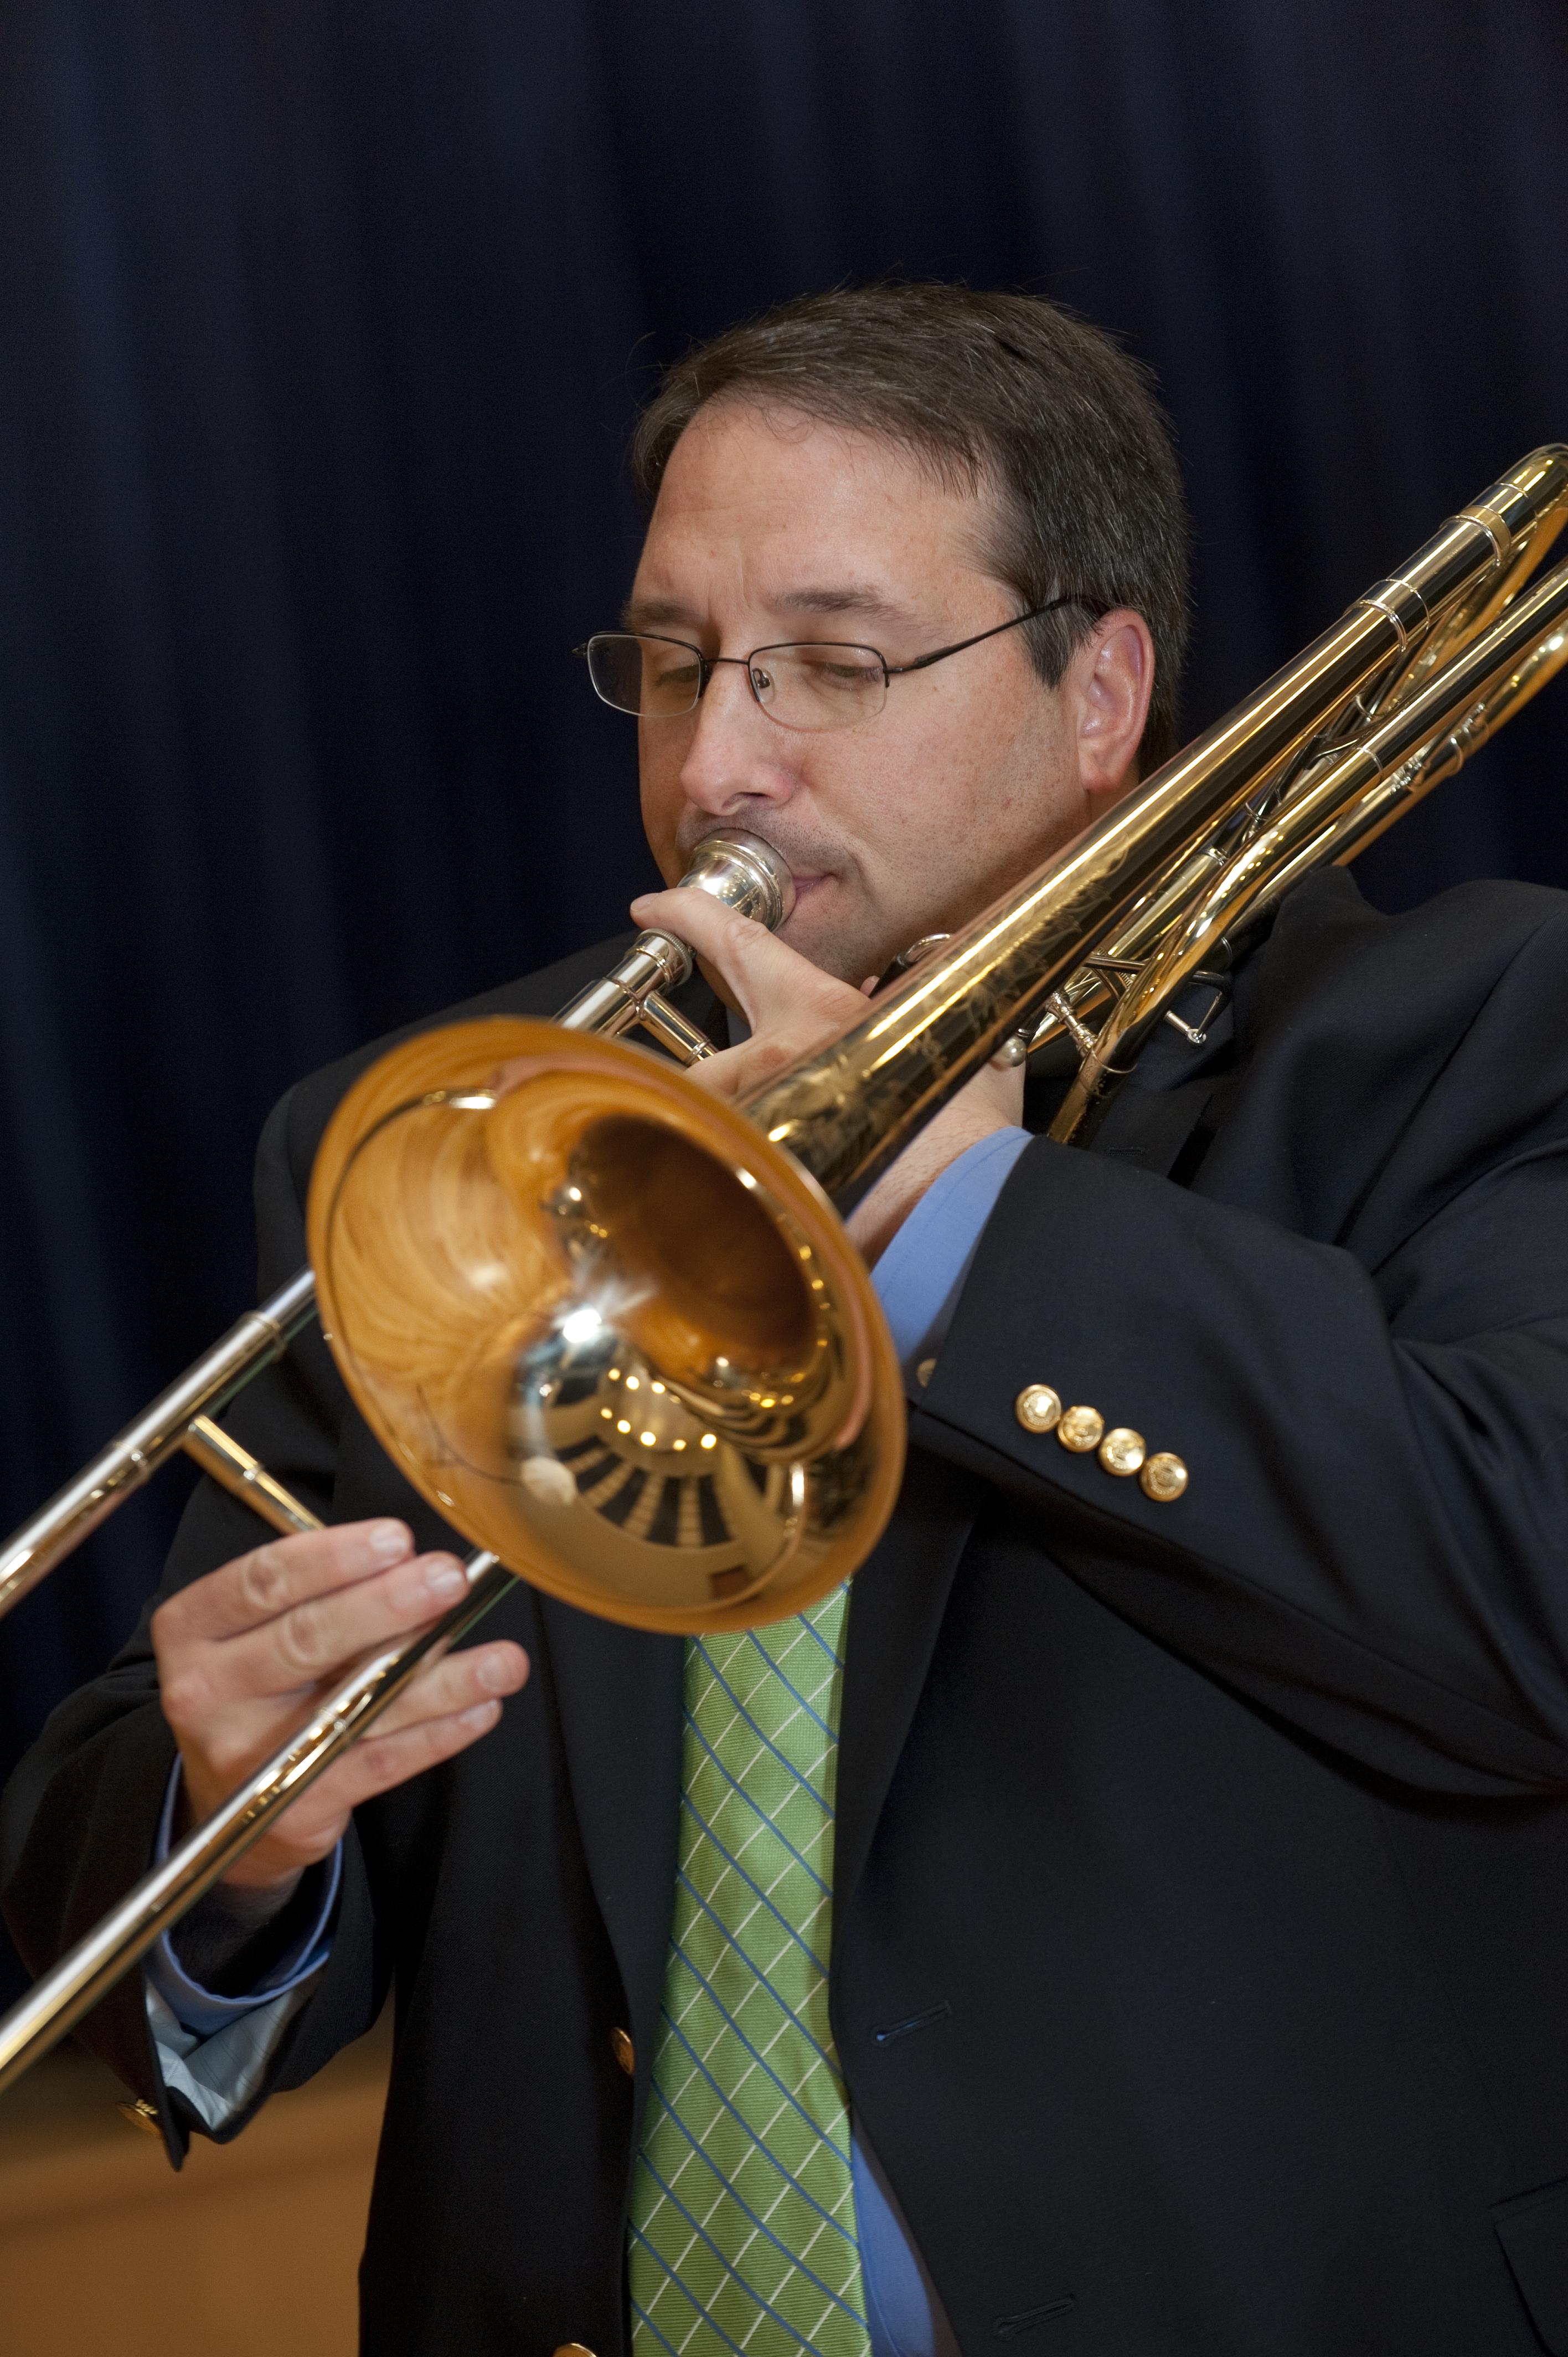 Bruce Tychinski